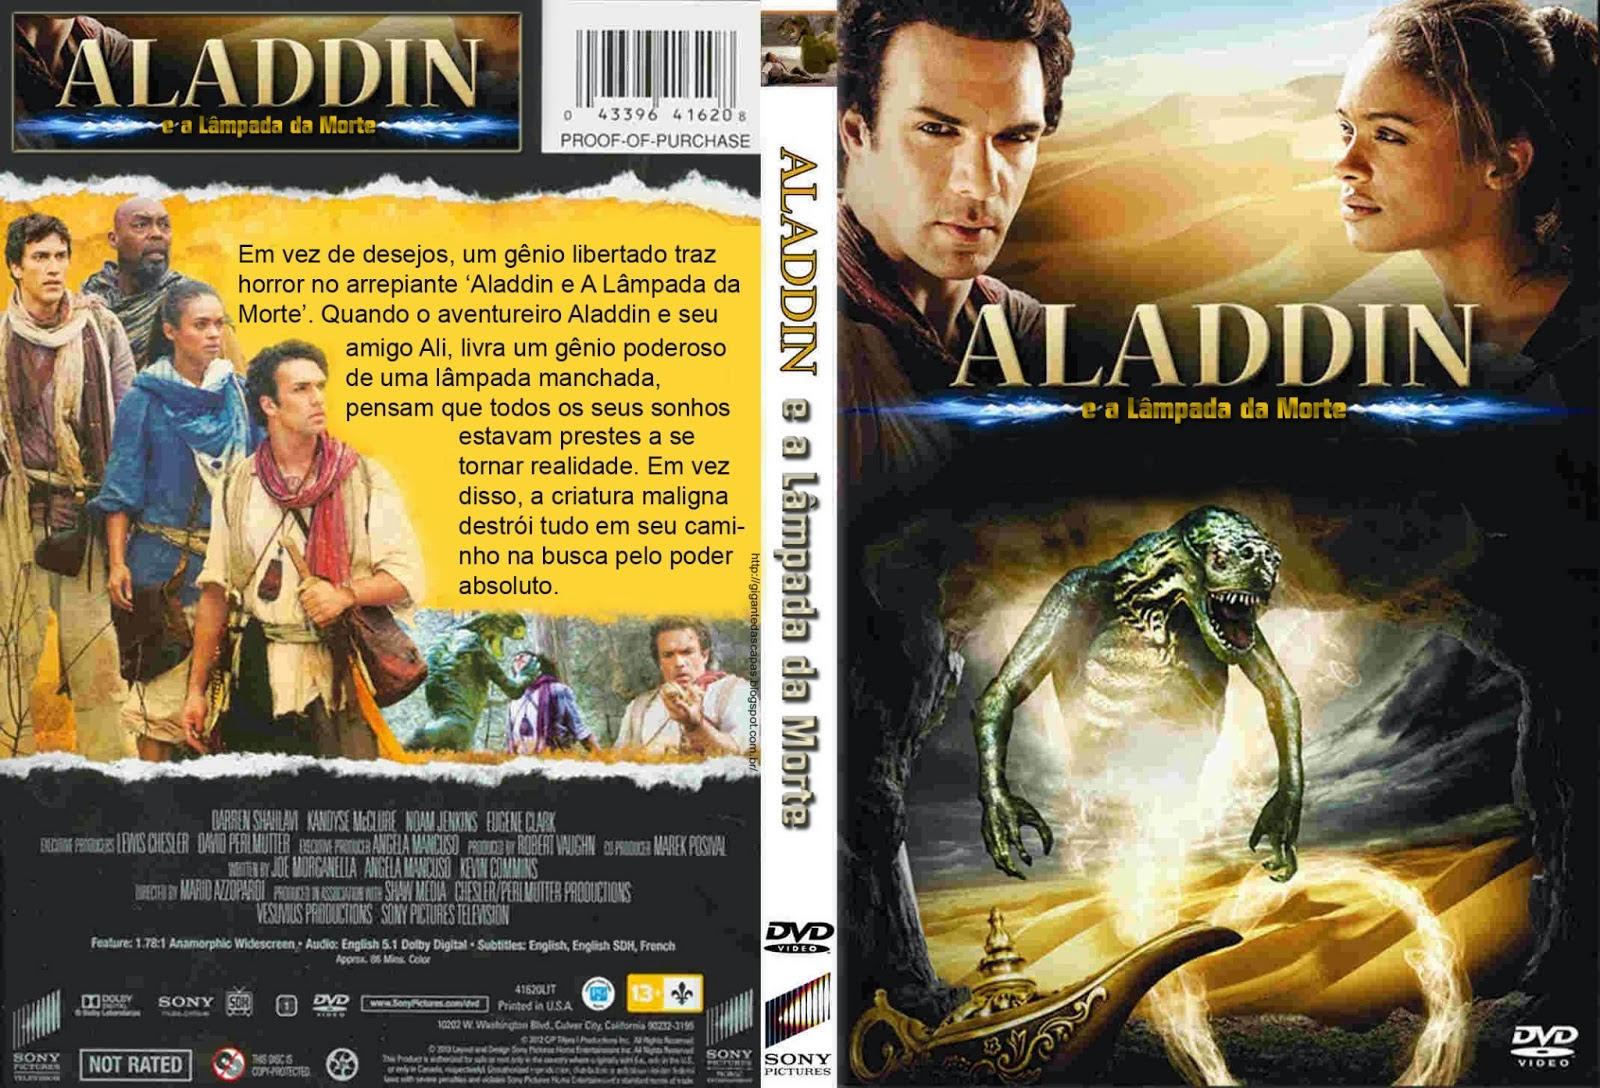 Aladdin e a Lampada da Morte DVD Capa